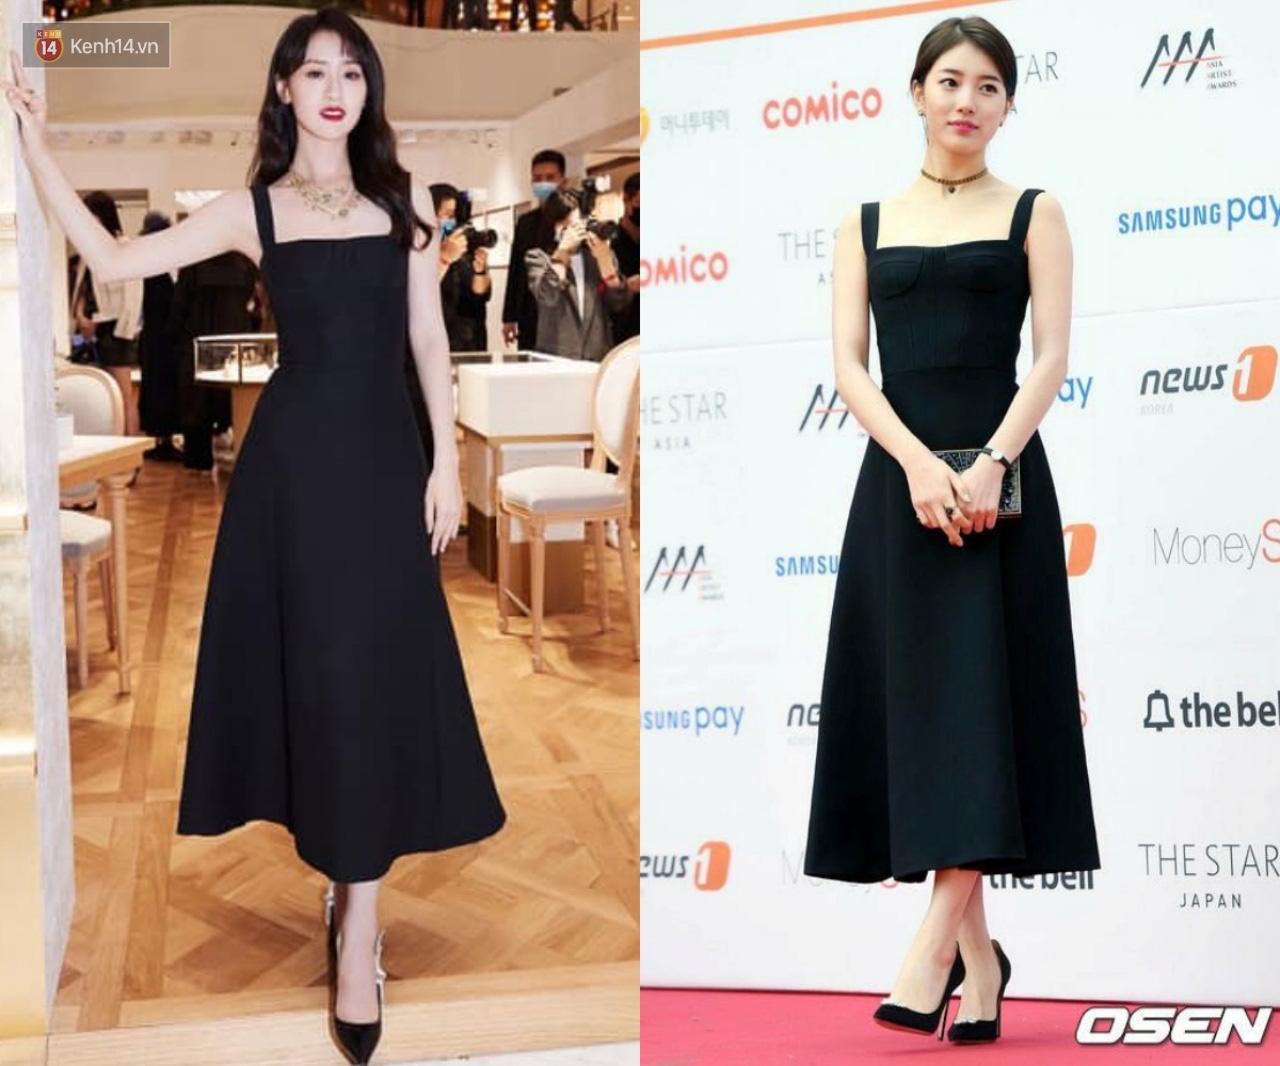 Viên Băng Nghiên diện lại váy cũ từ 3 năm trước nhưng vẫn sang lấn át Suzy khi đụng hàng - Ảnh 9.